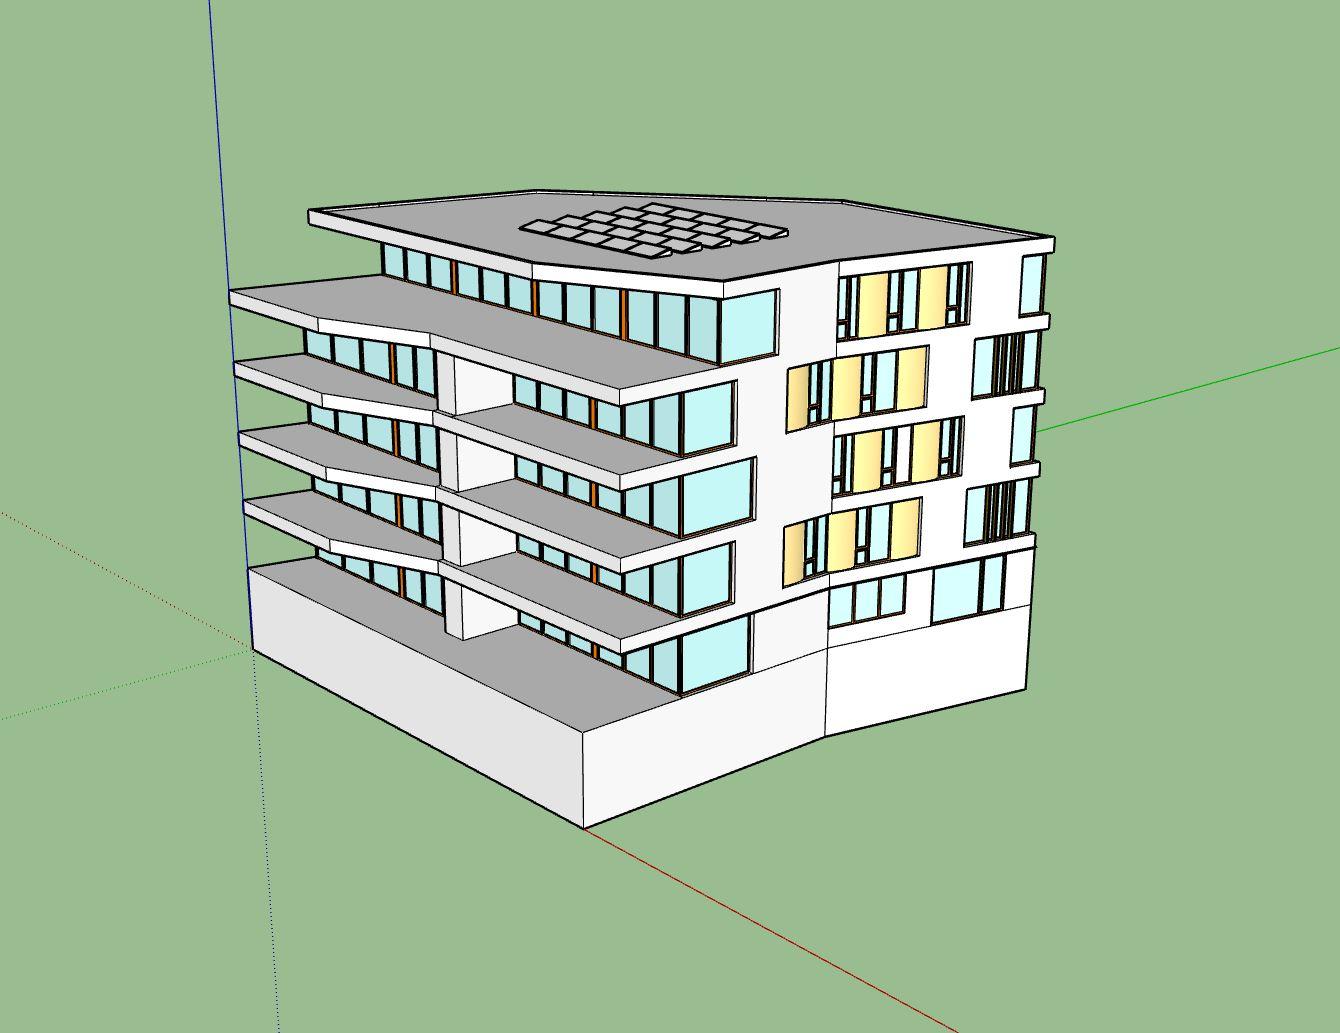 een gebouw van 'de Parkwachter', zoals ik het getekend heb.